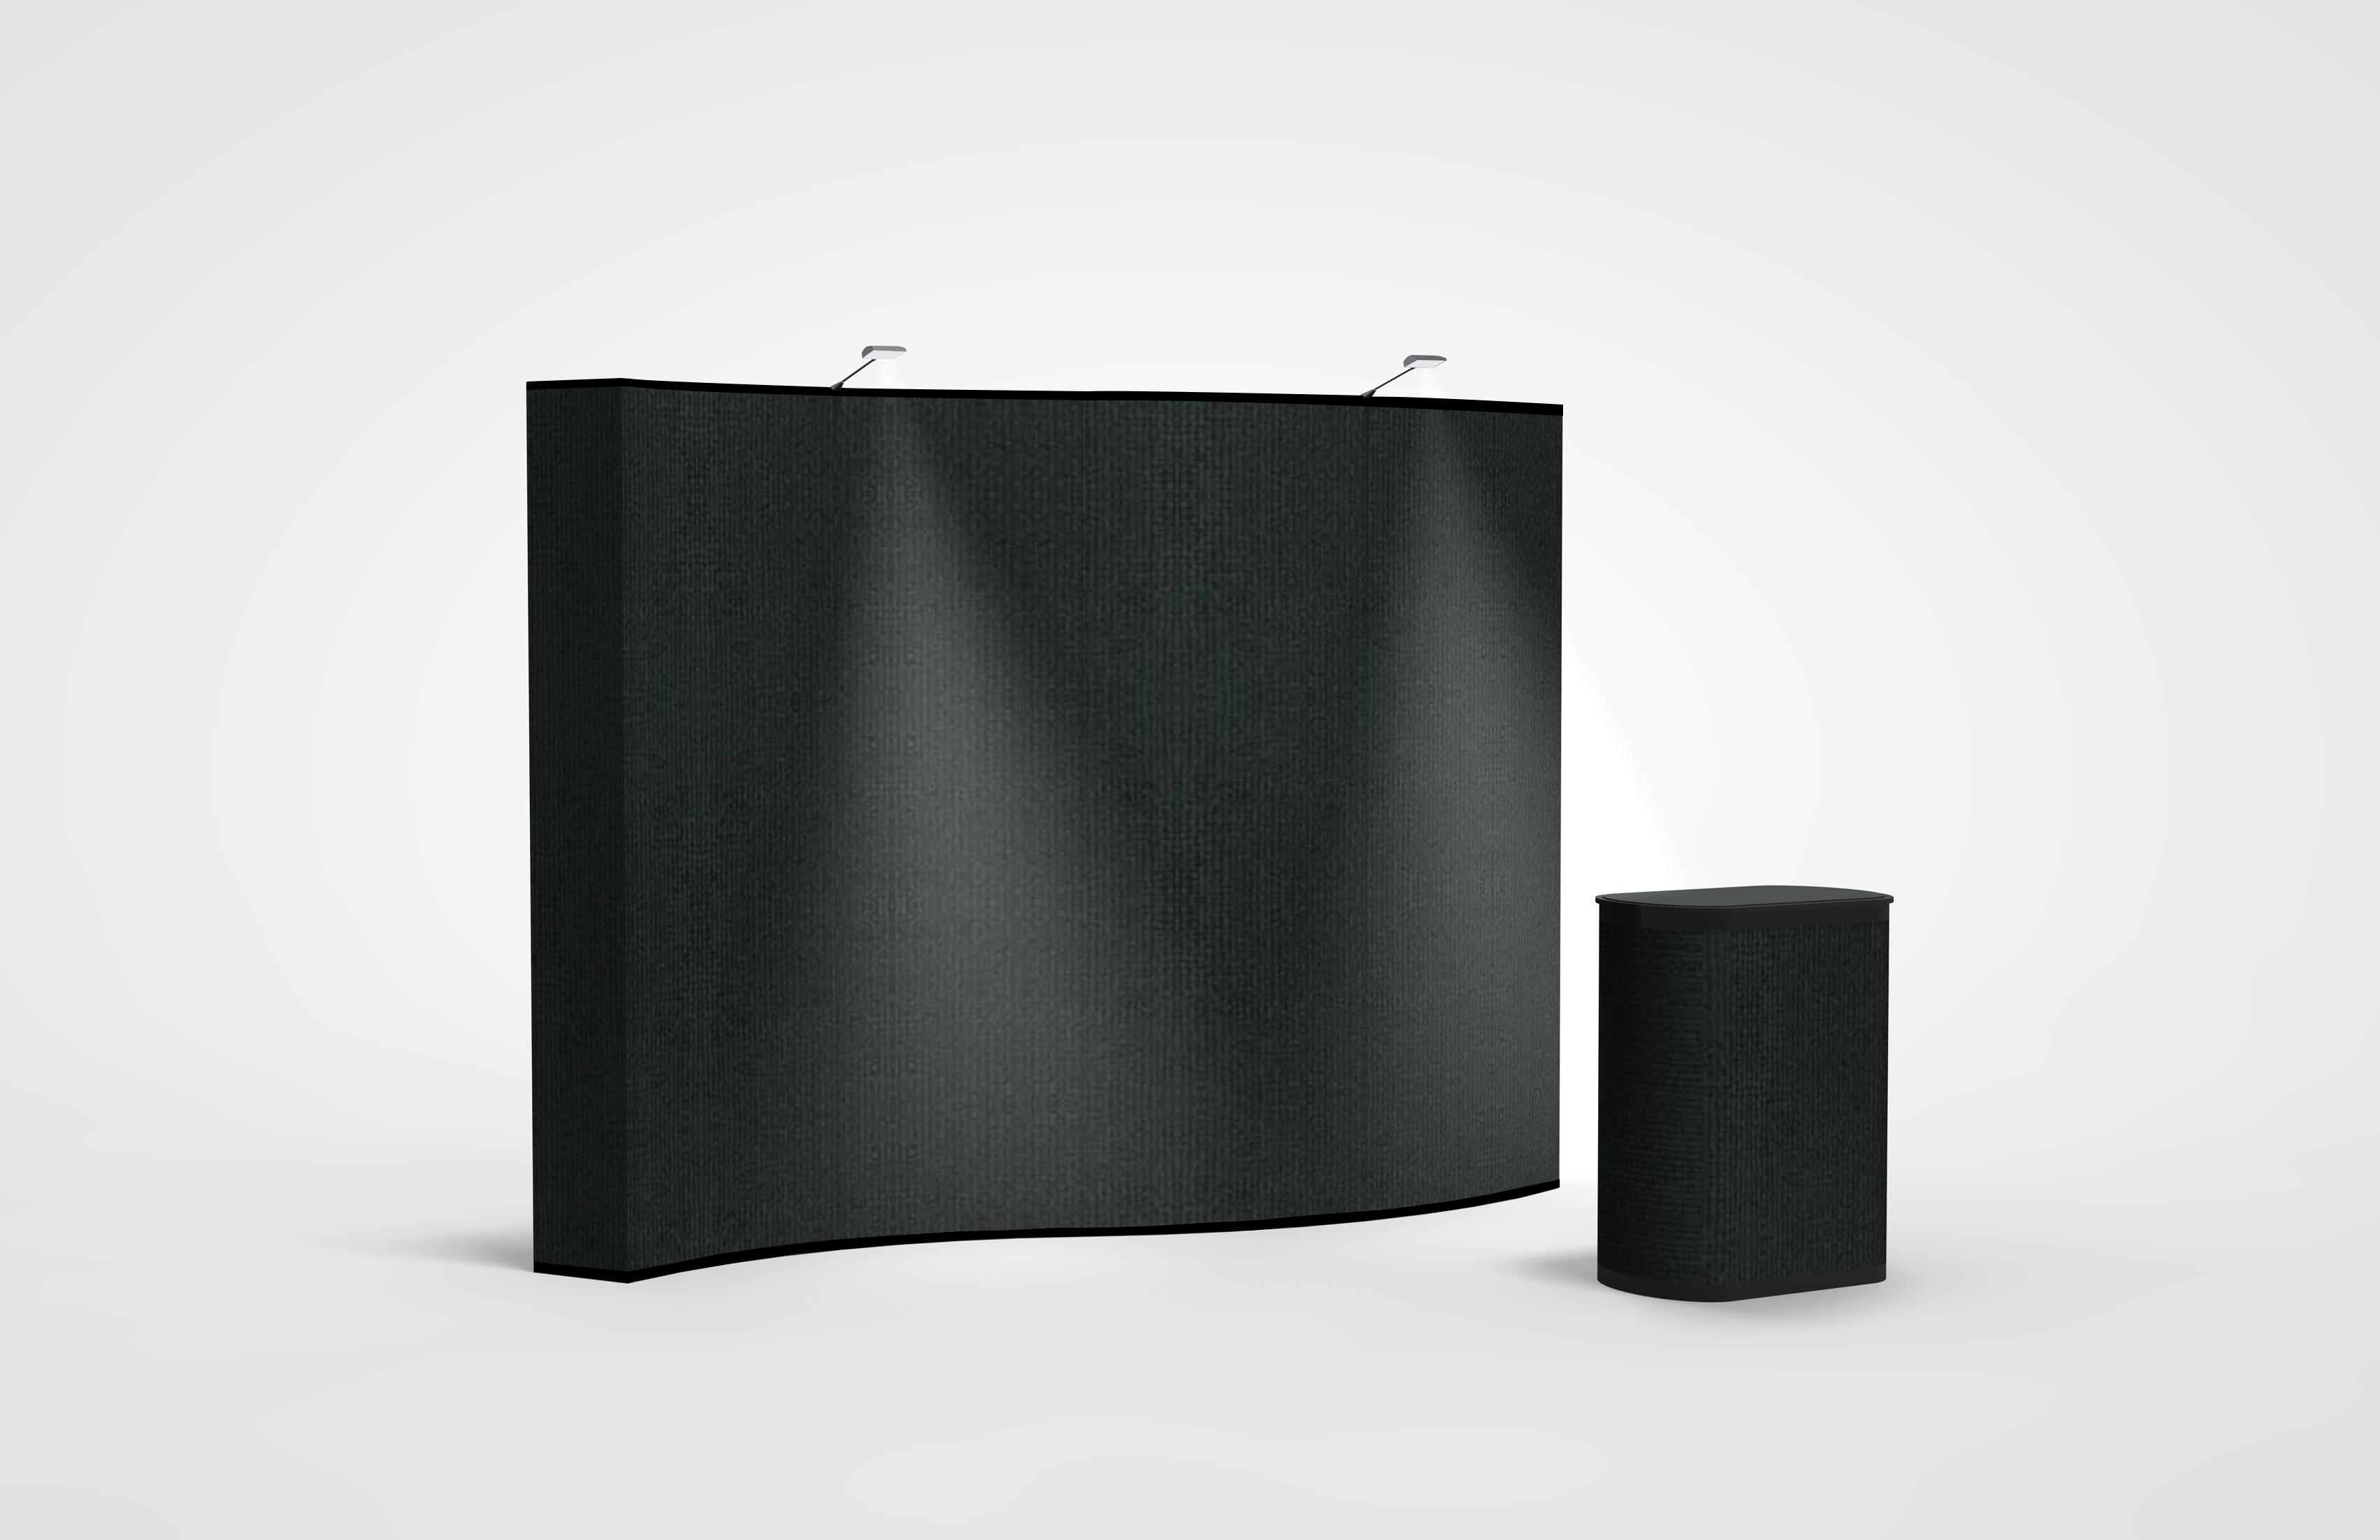 Premium 10 Foot Wave Pop-Up Display